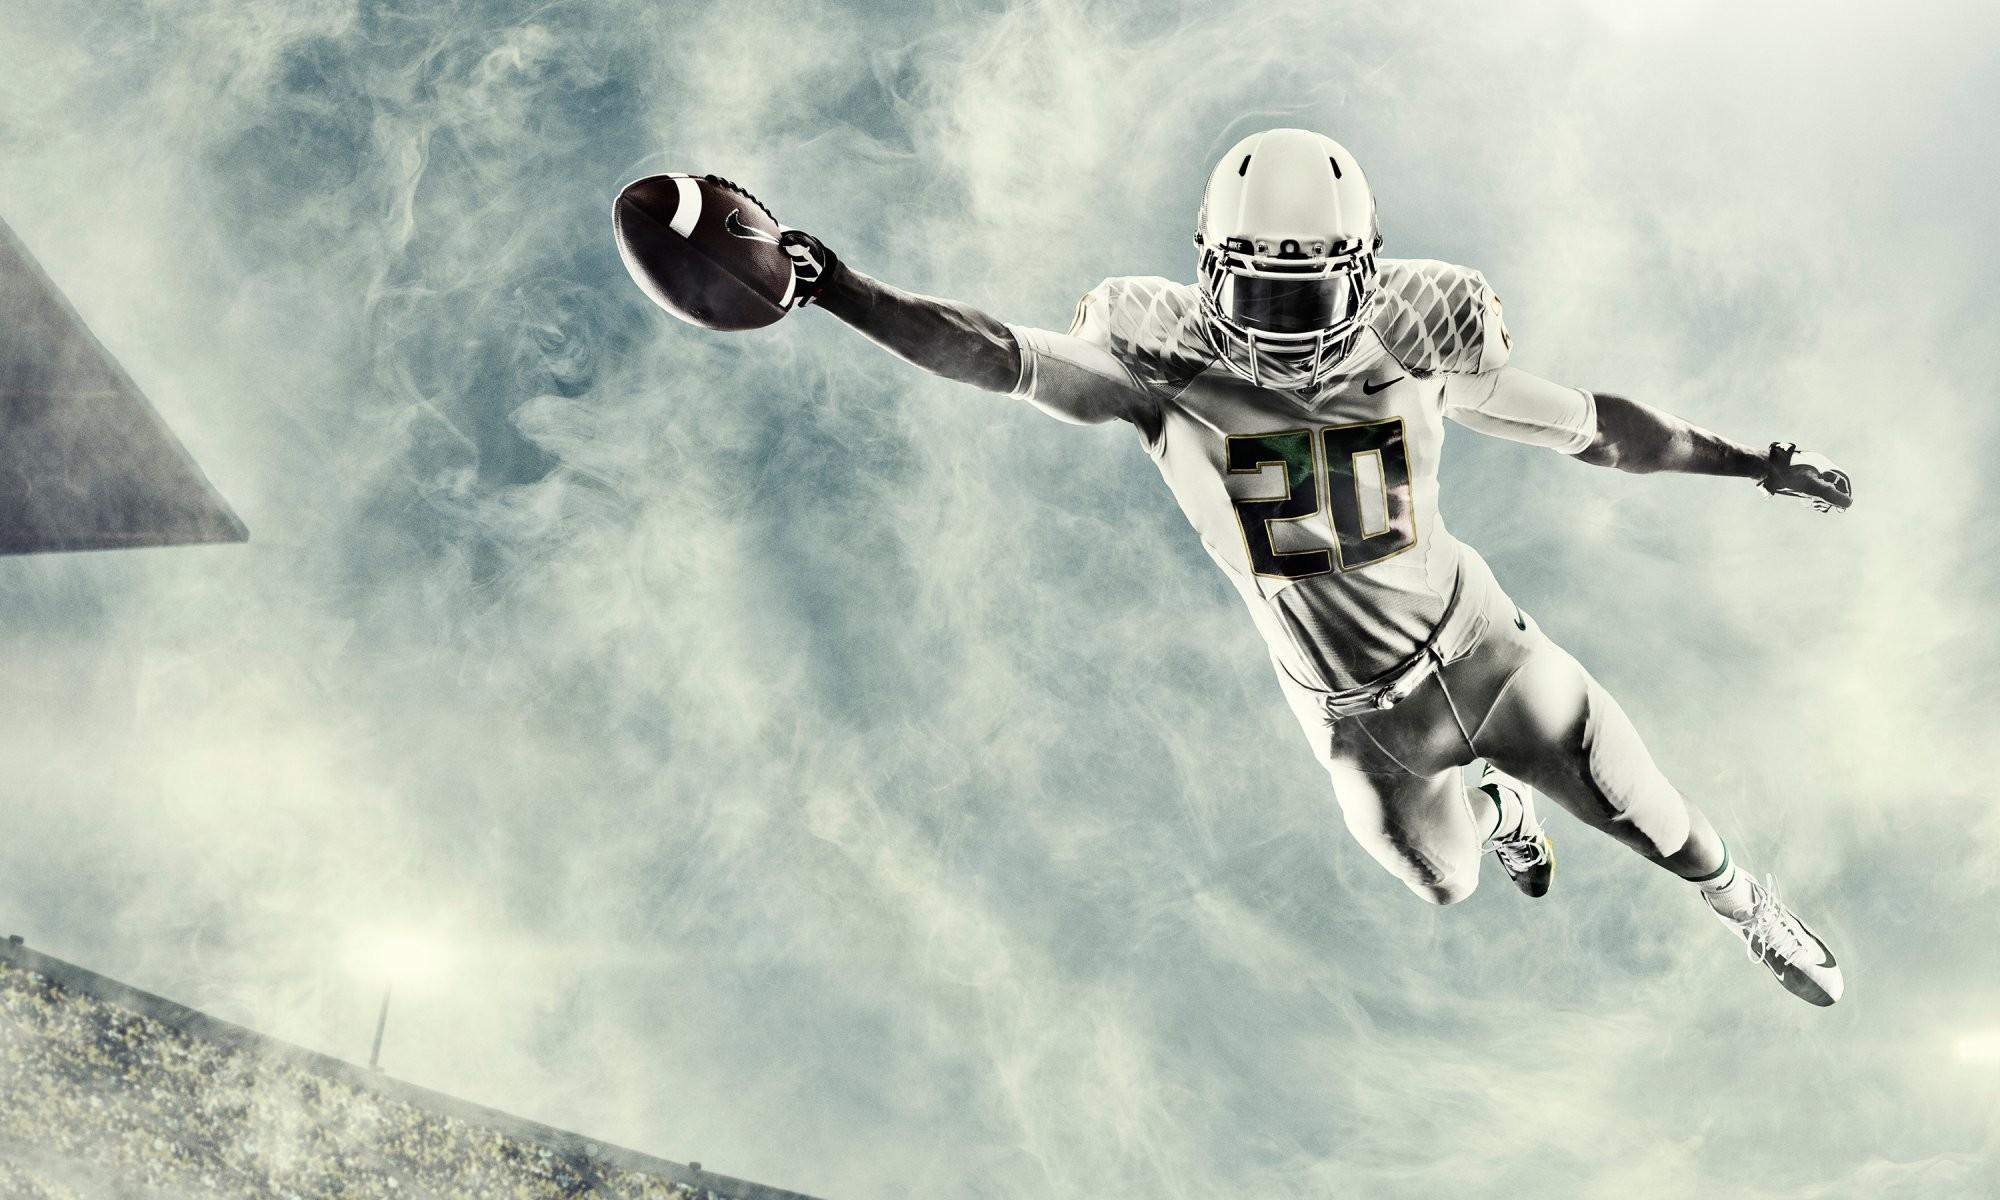 2000x1200 Football Ncaa Oregon College Athlete Helmet Jump Ball